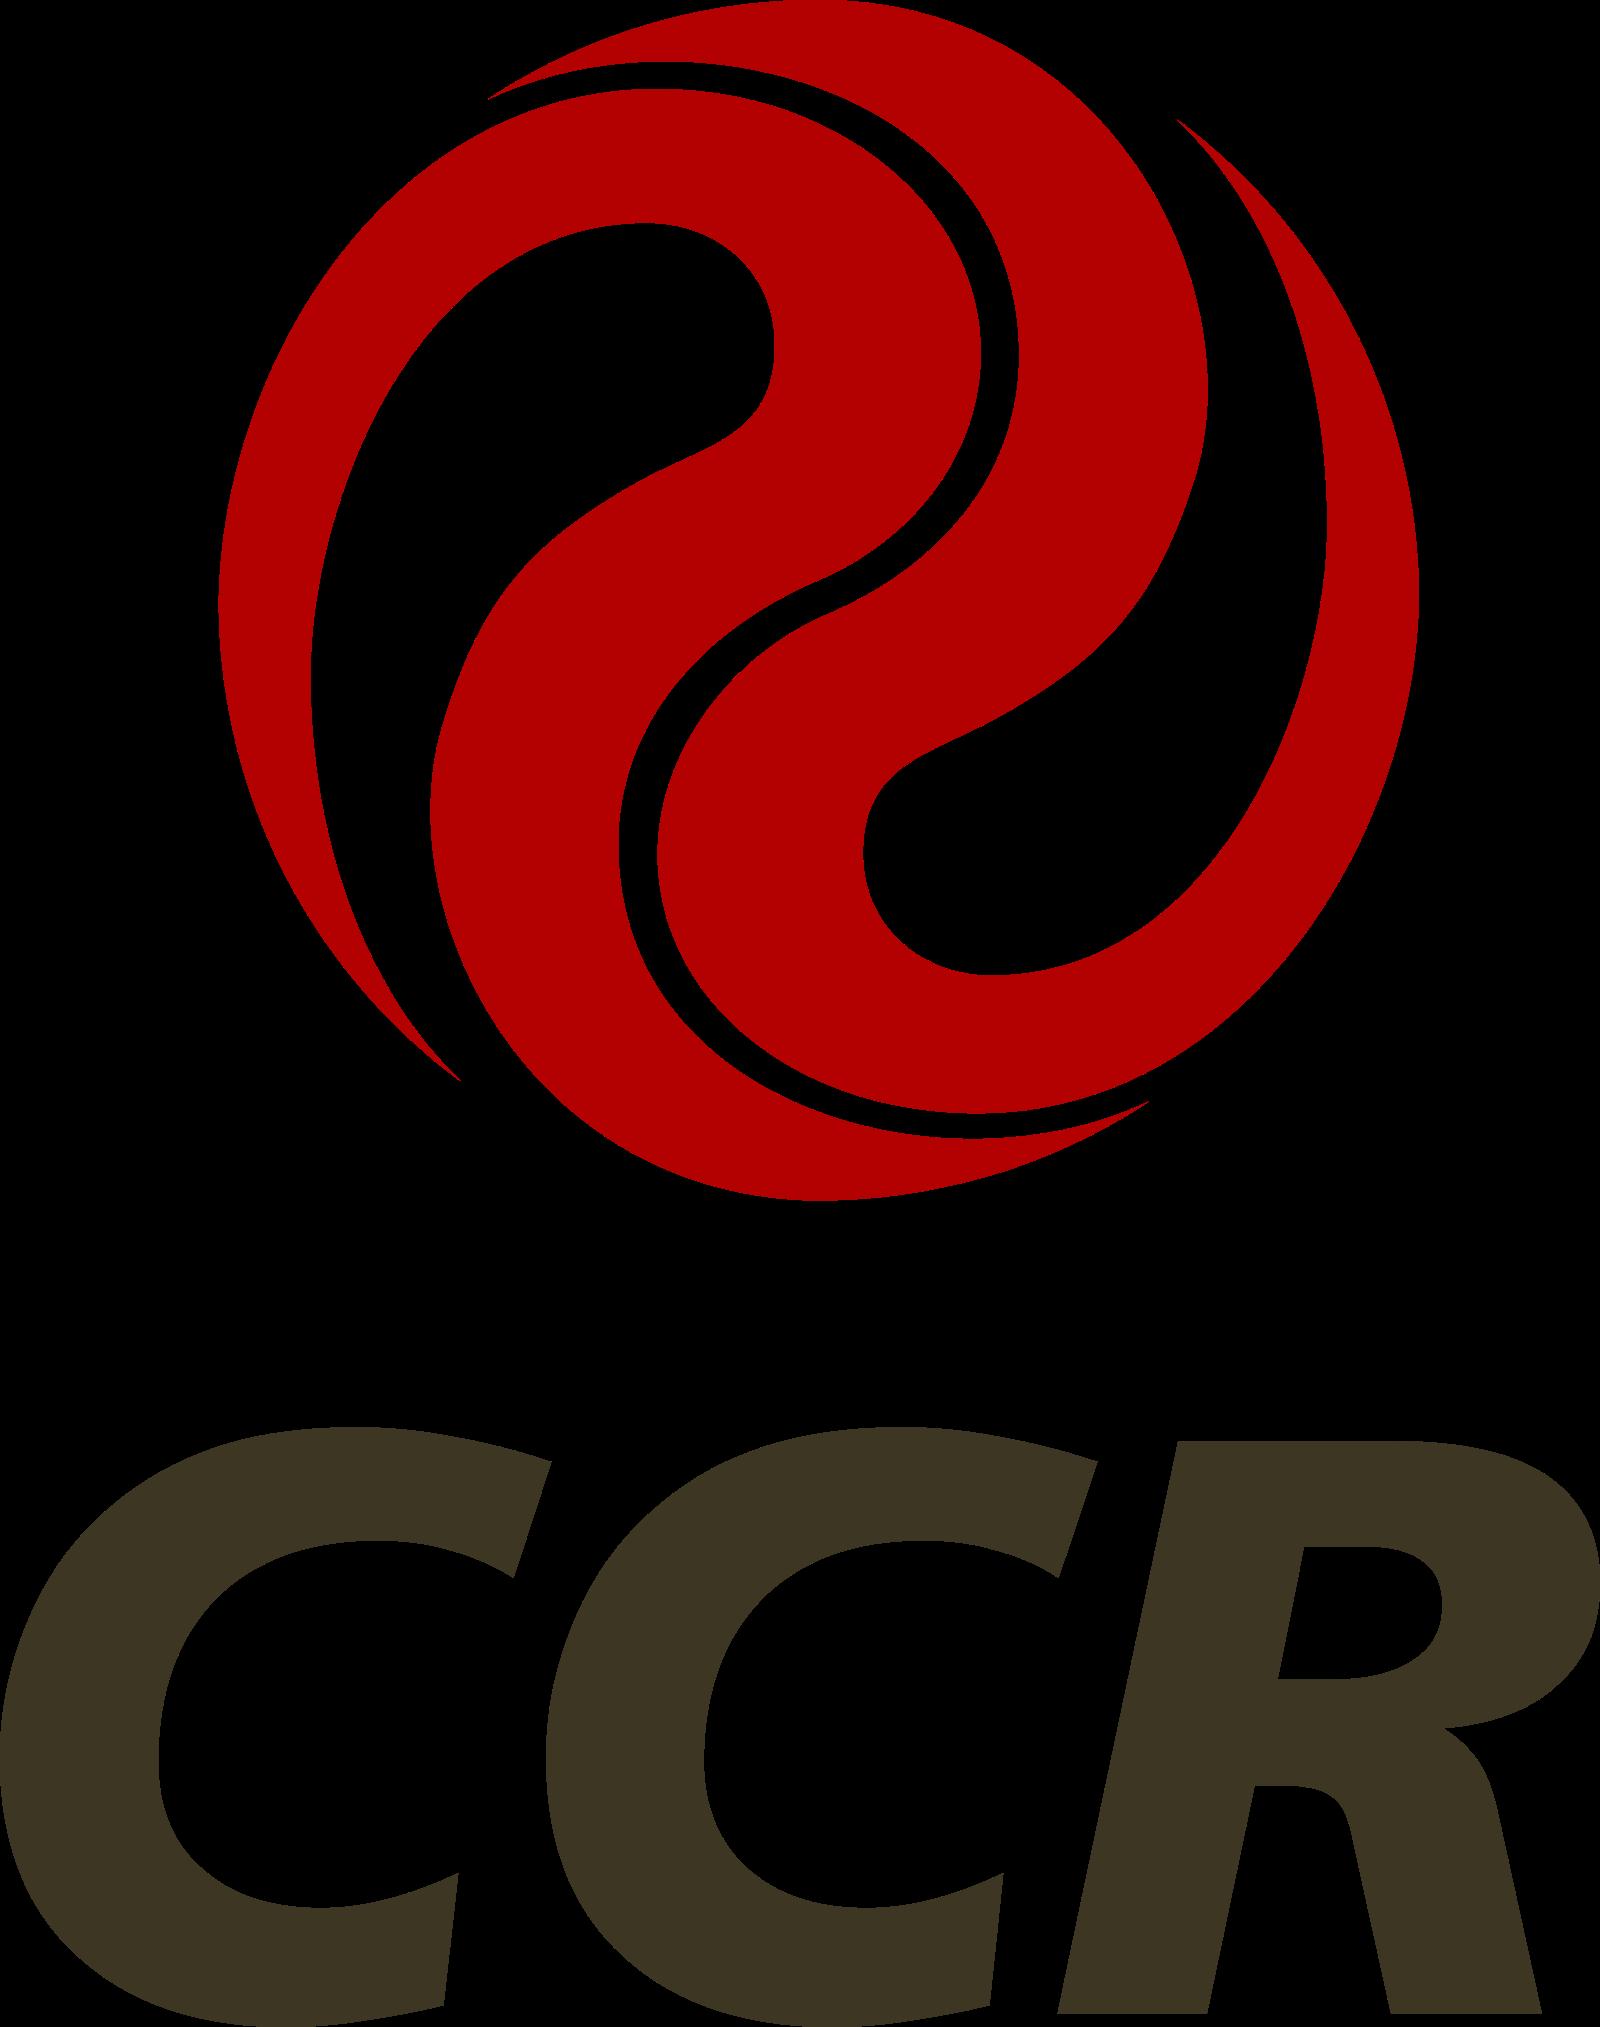 ccr logo 2 - CCR Logo